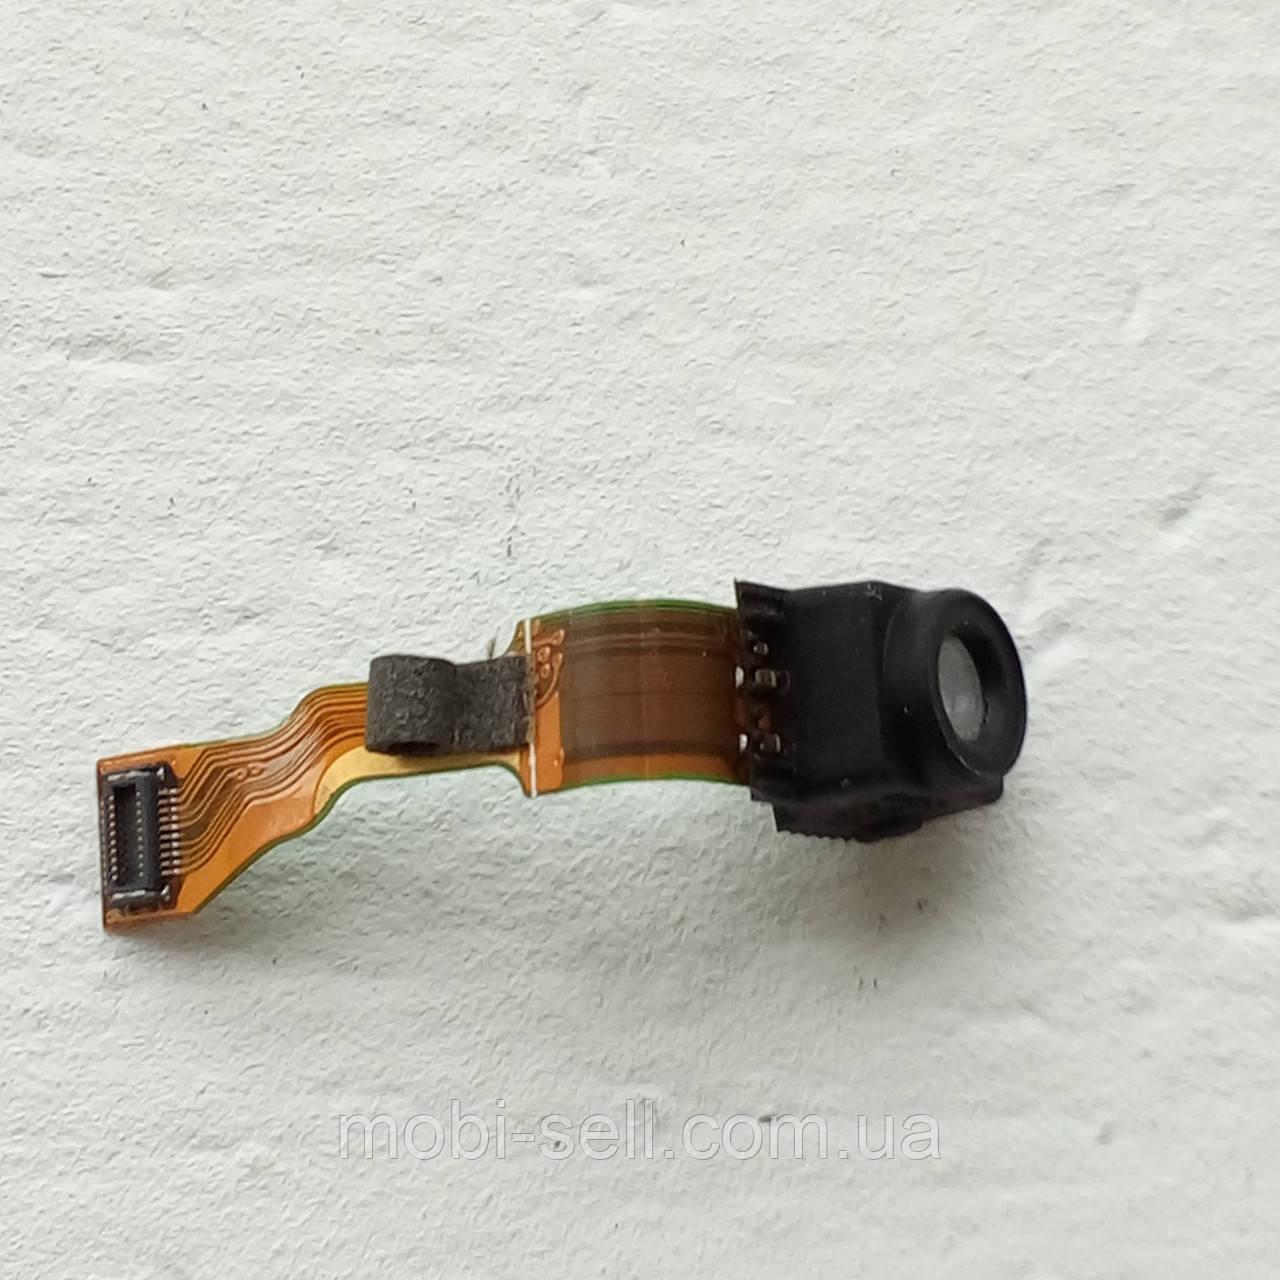 Камера для Sony Ericsson K700 кнопки (Б/У, оригинал)